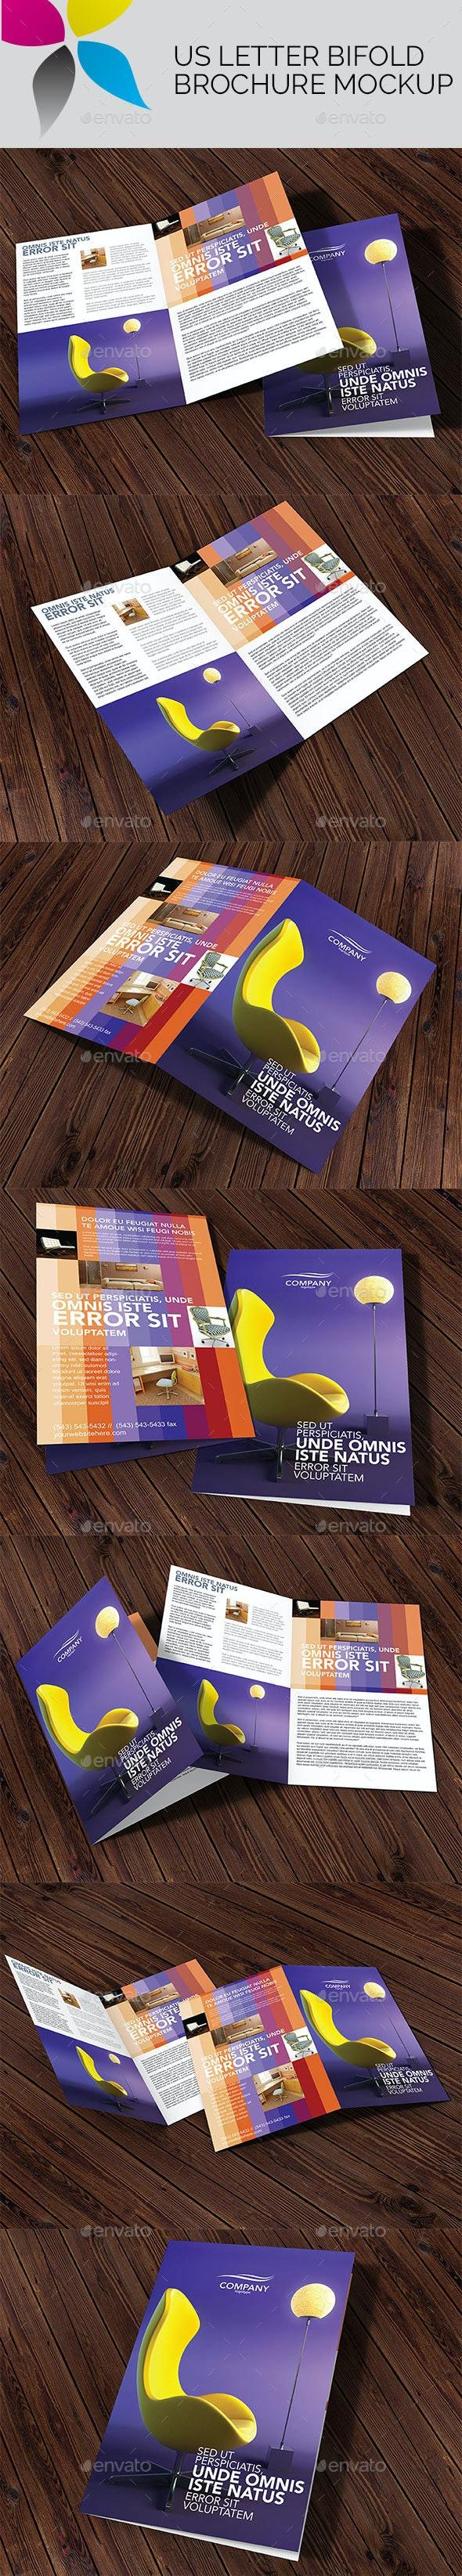 US Letter Bi-Fold Brochure Mockup - Brochures Print